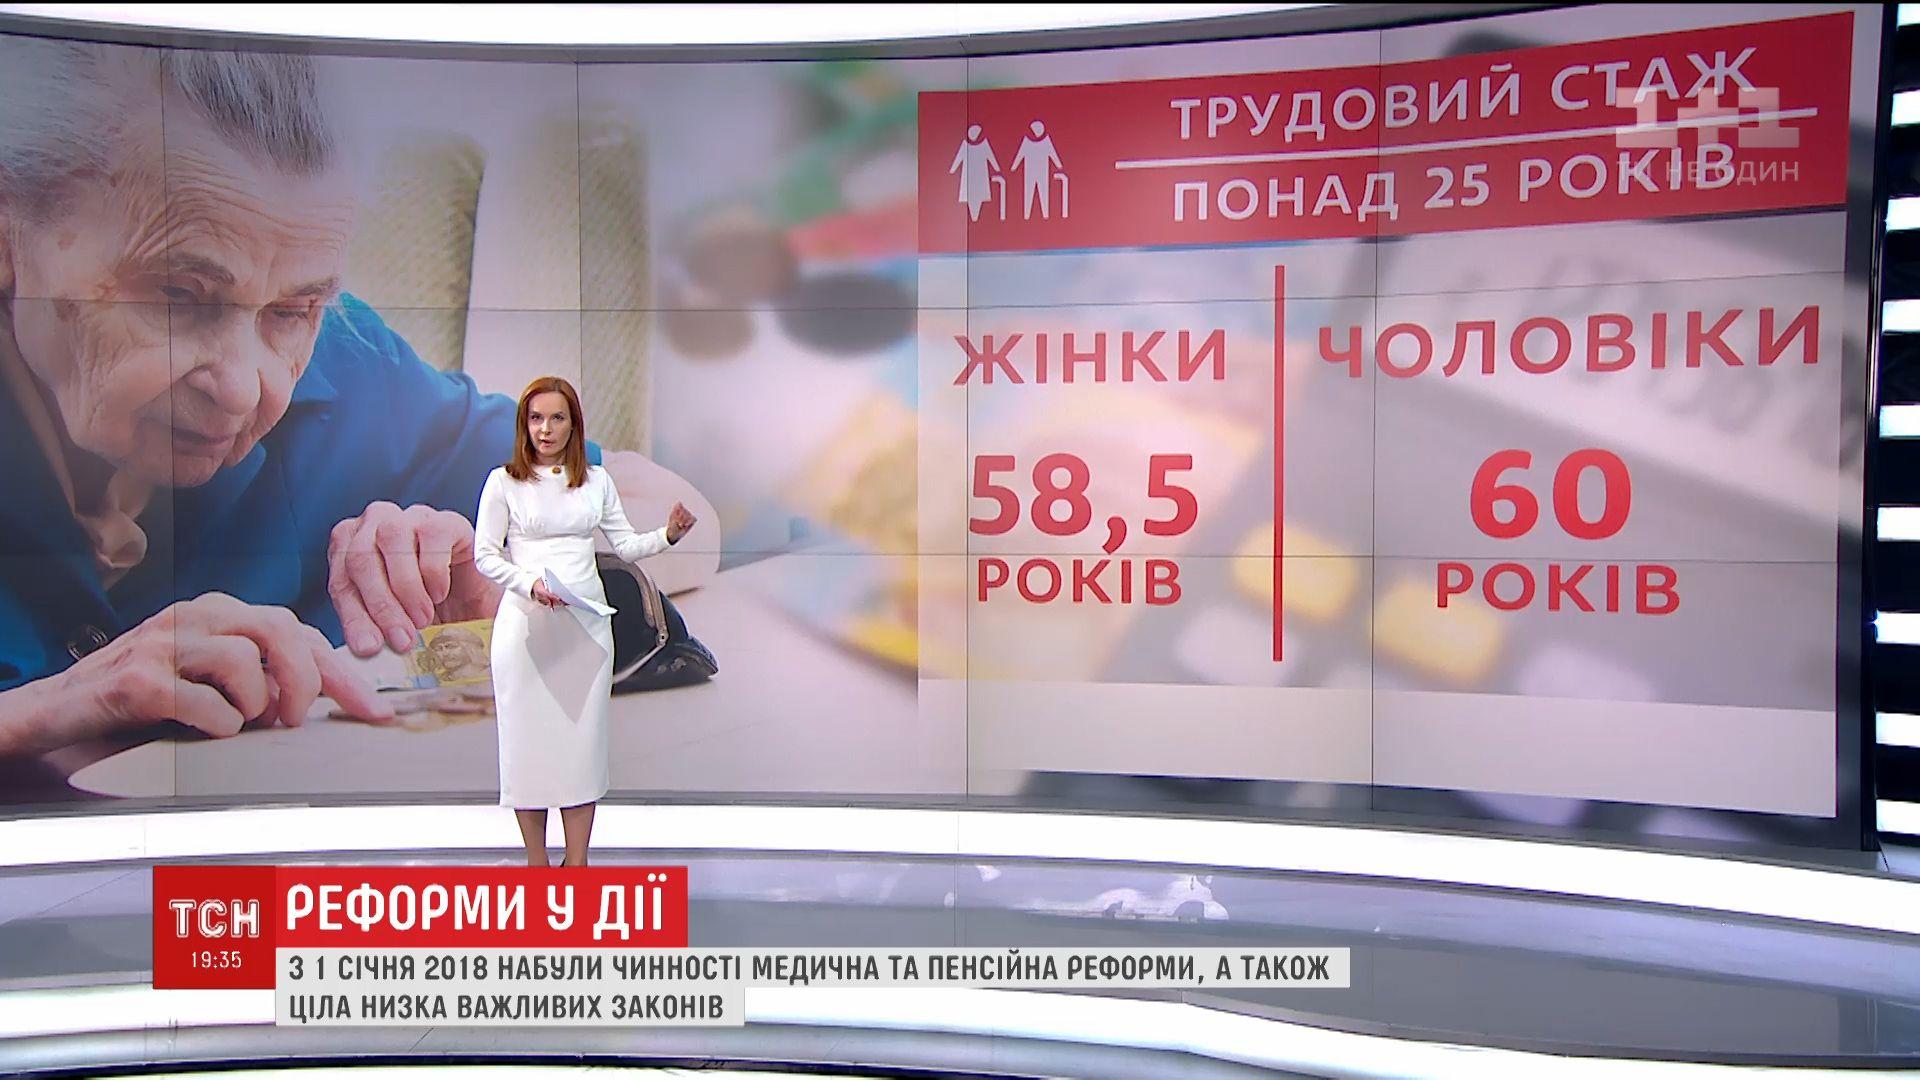 Видео украинское домашнее свое частное